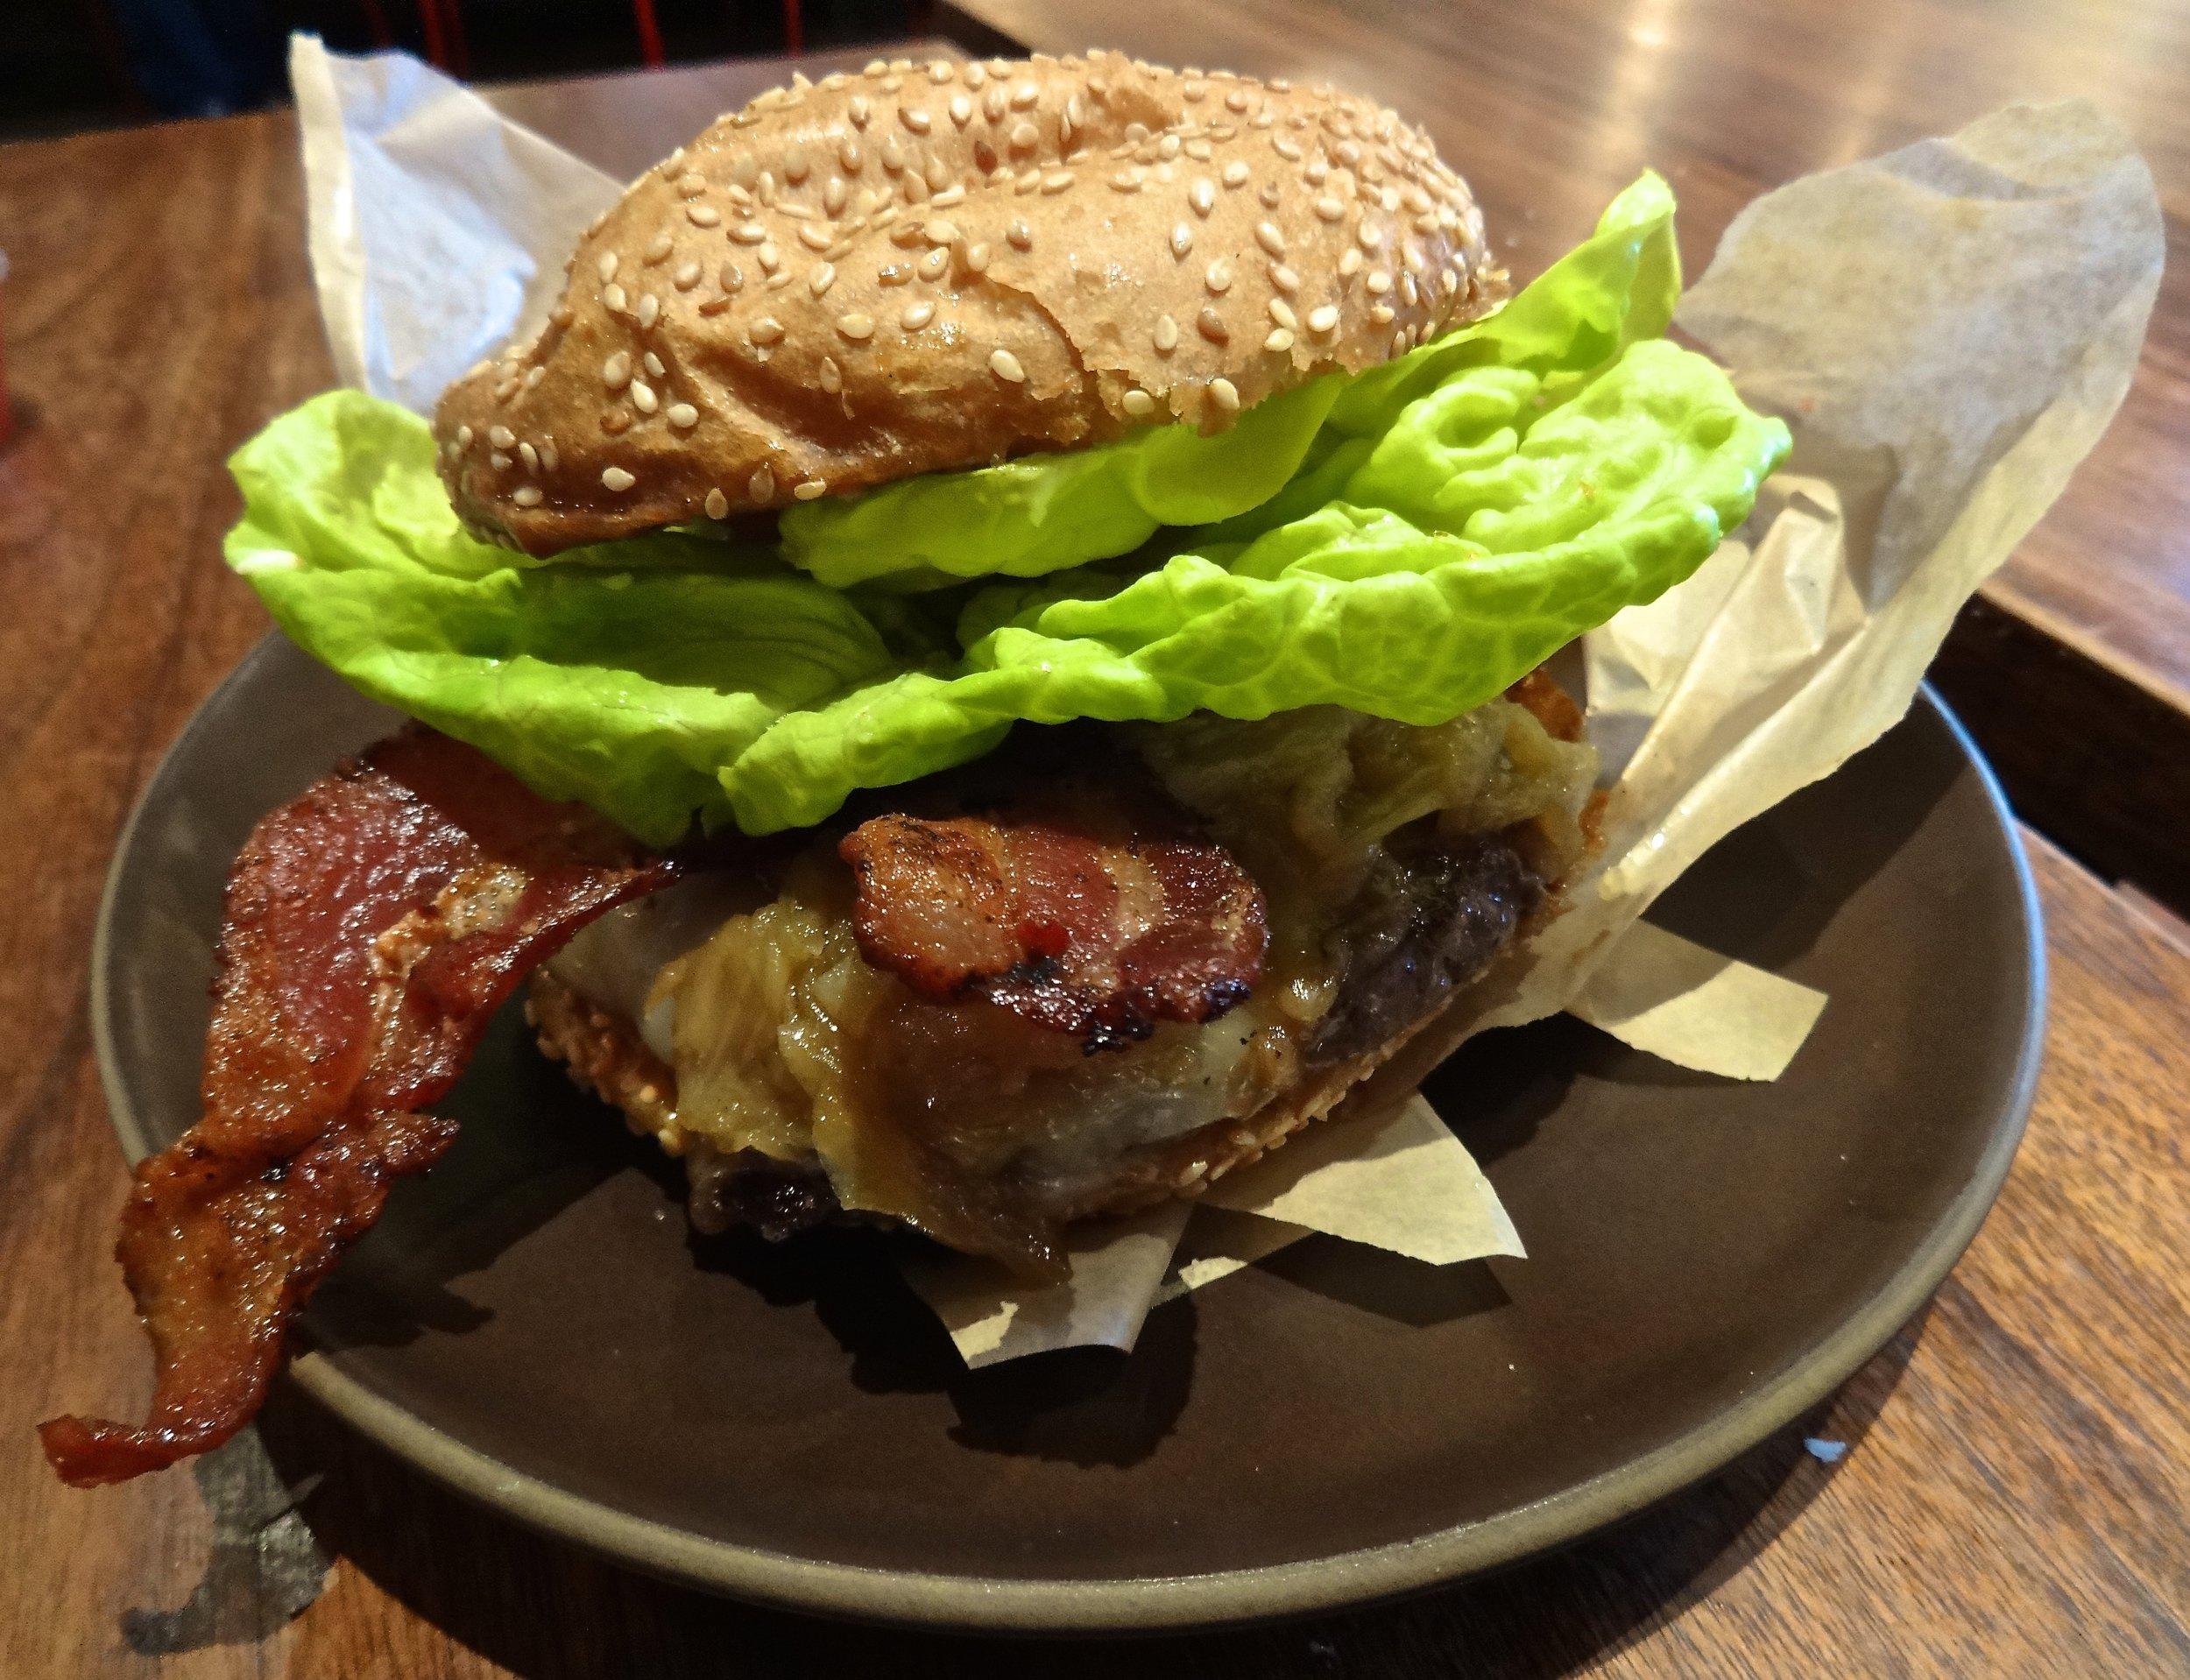 Roam's bacon cheeseburger